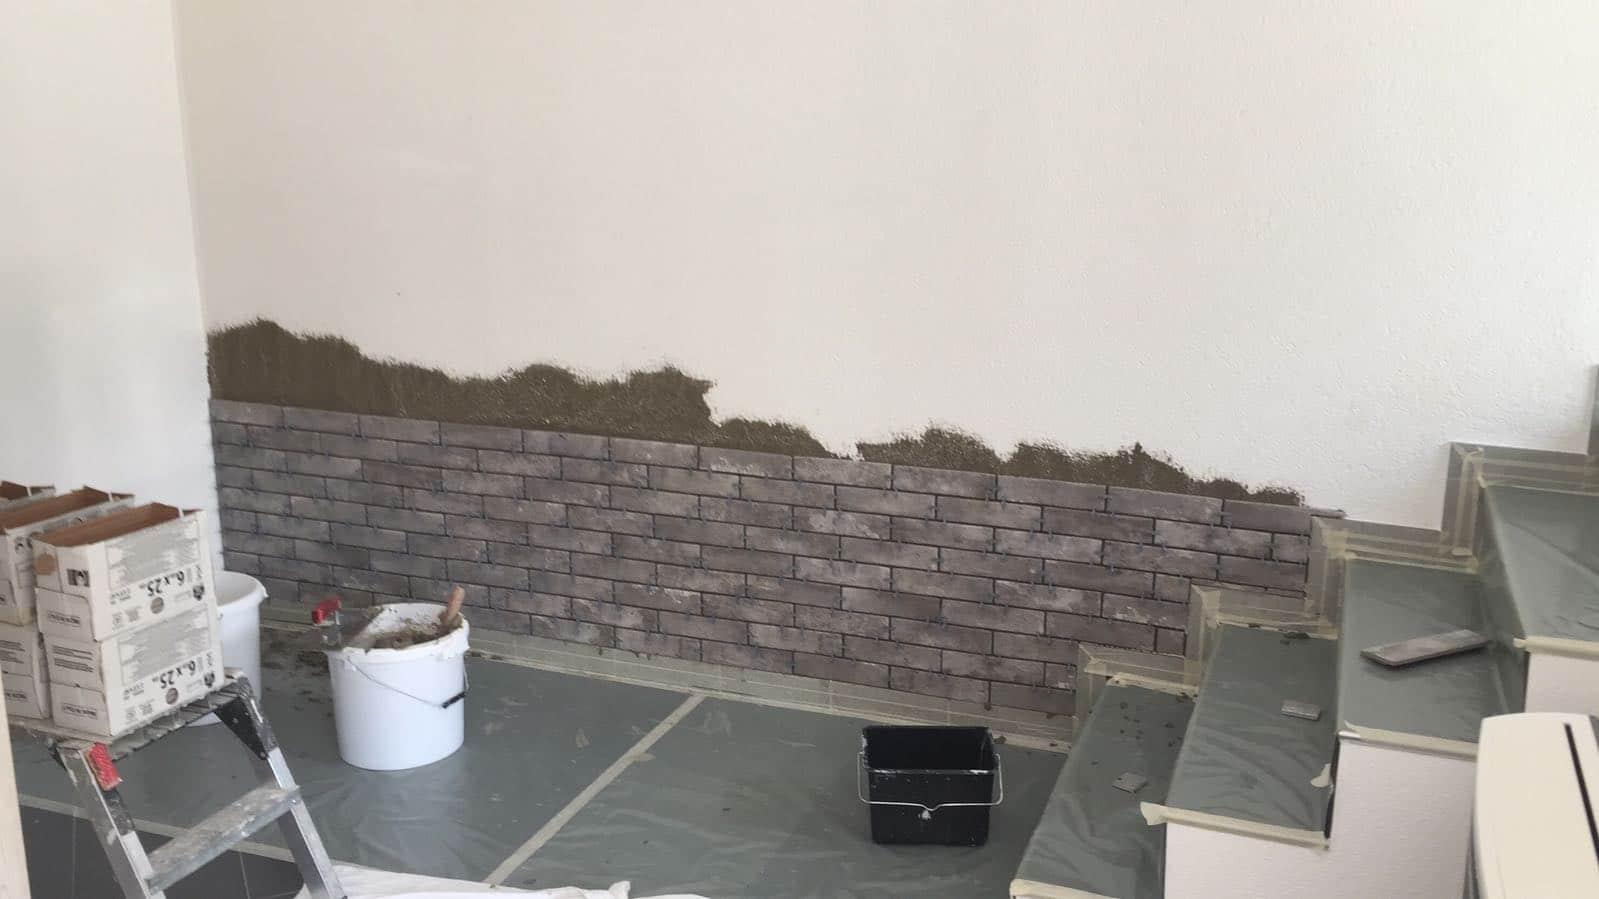 Pose au mortier de pierres de parement sur un mur dans une salle à manger